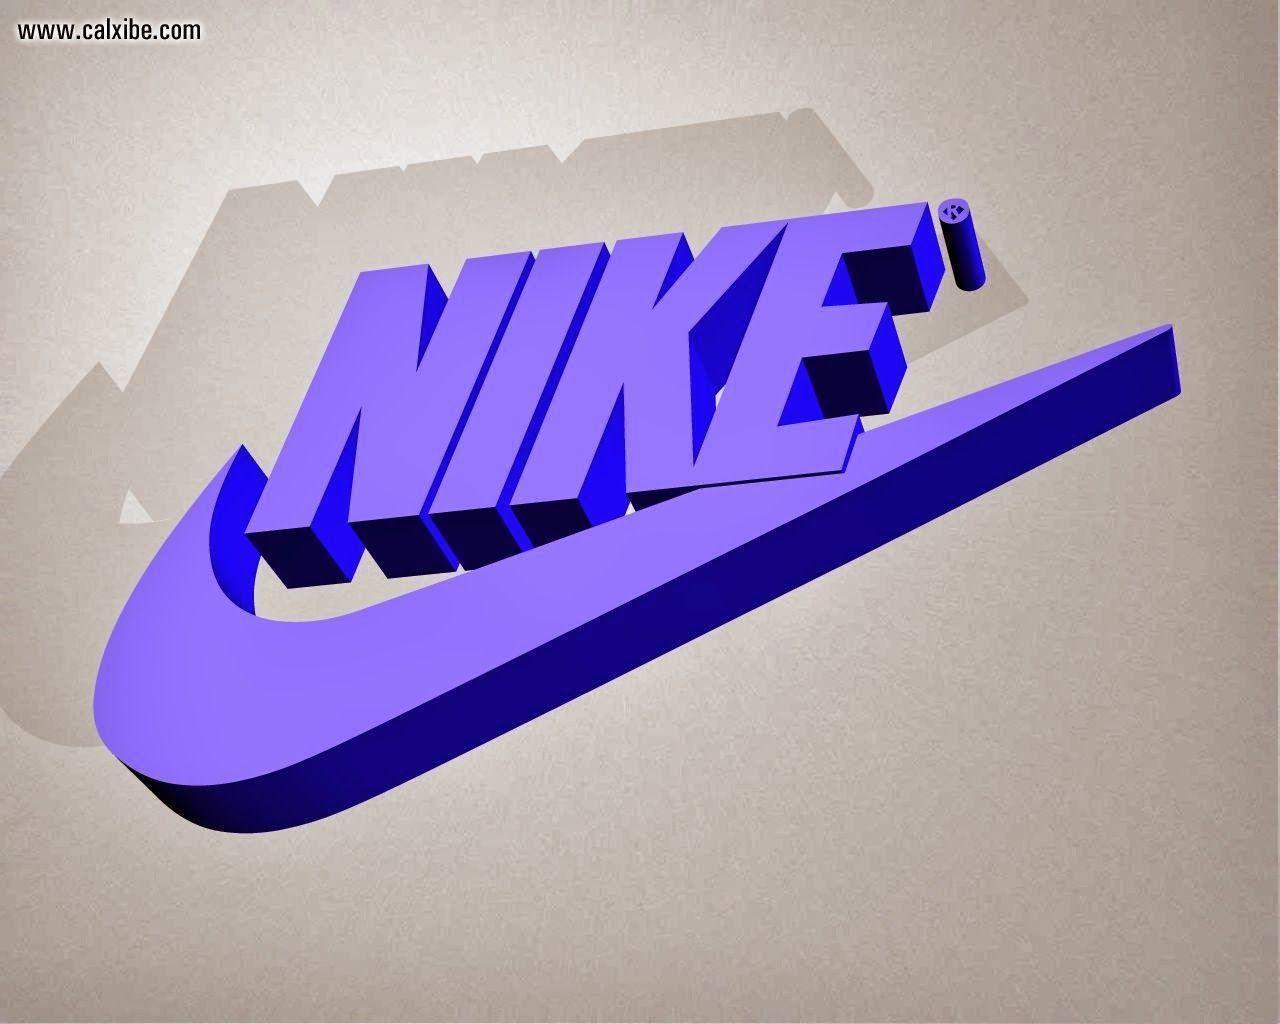 Logo nike wallpaper wallpapersafari - Nike Wallpapers